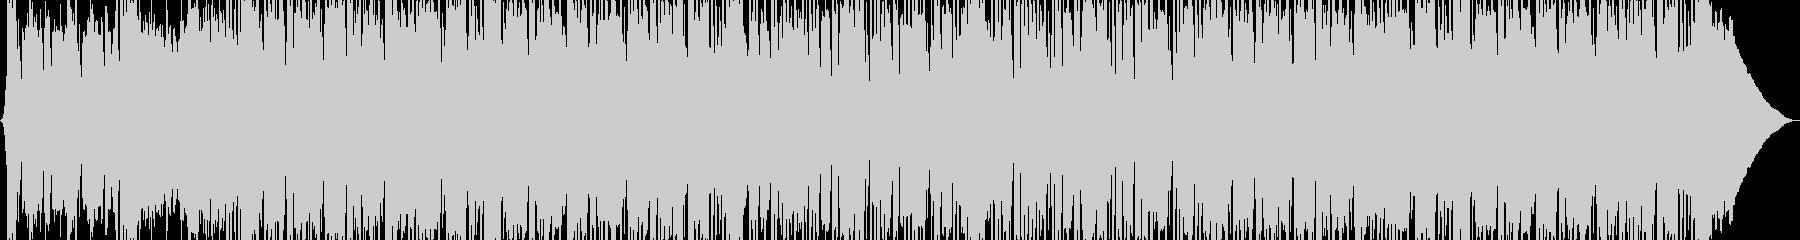 重くて強いハードコアロックの未再生の波形